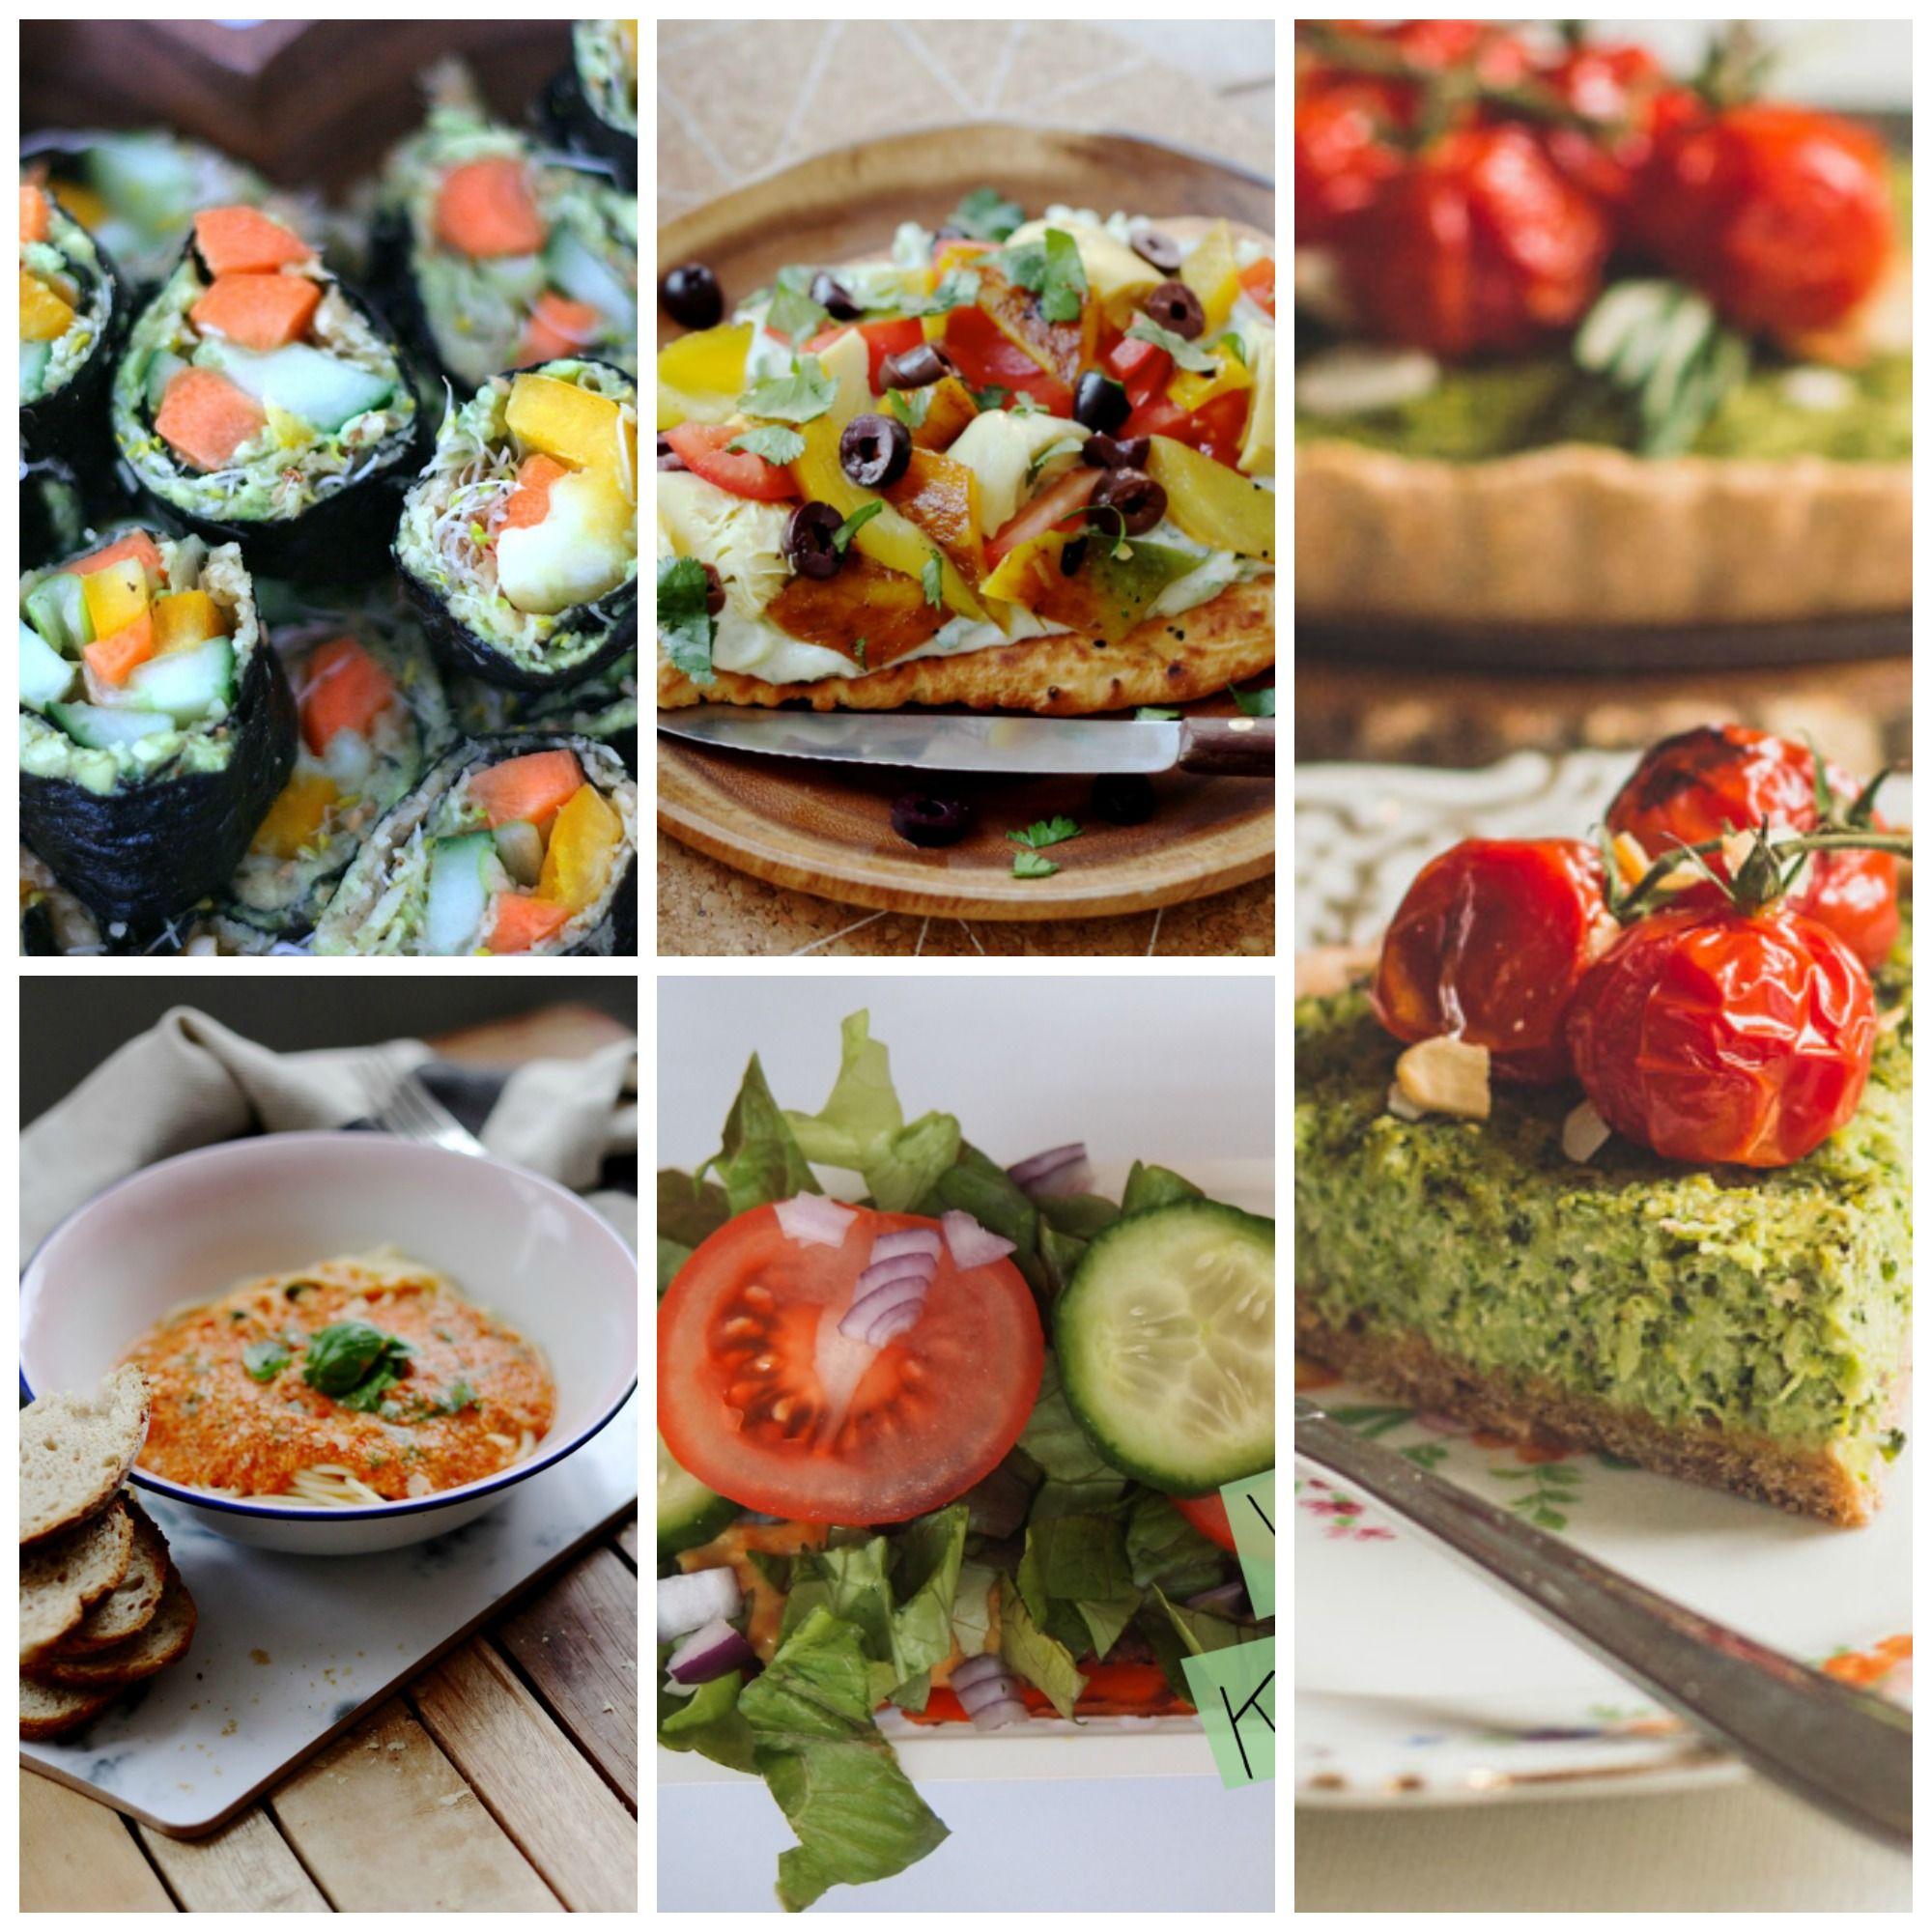 Heerlijk end of summer weekmenu met: Naan pizza met tzatziki, raw vegan sushi, hartige broccolitaart, pasta met gerookte paprika, vegan kapsalon. Een hele week smullen. Ga snel naar de blog voor de recepten.